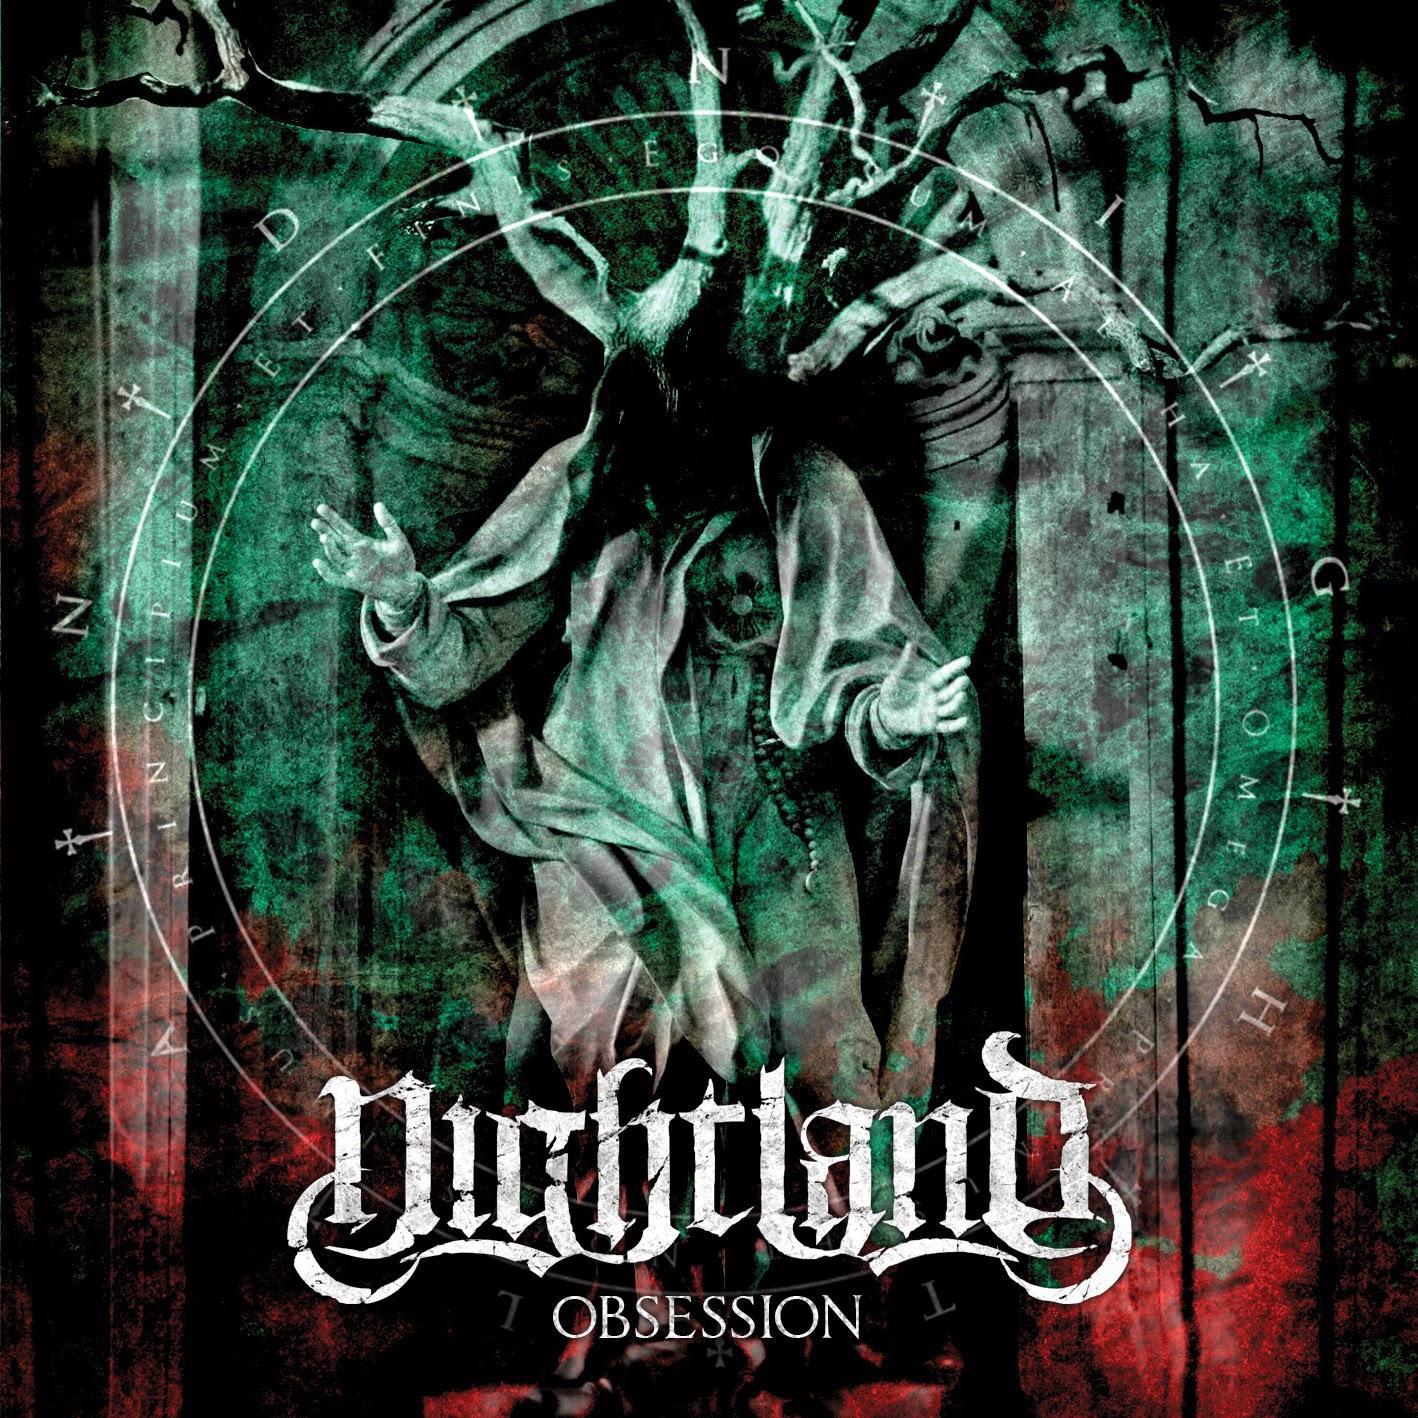 Nightland - Obsession